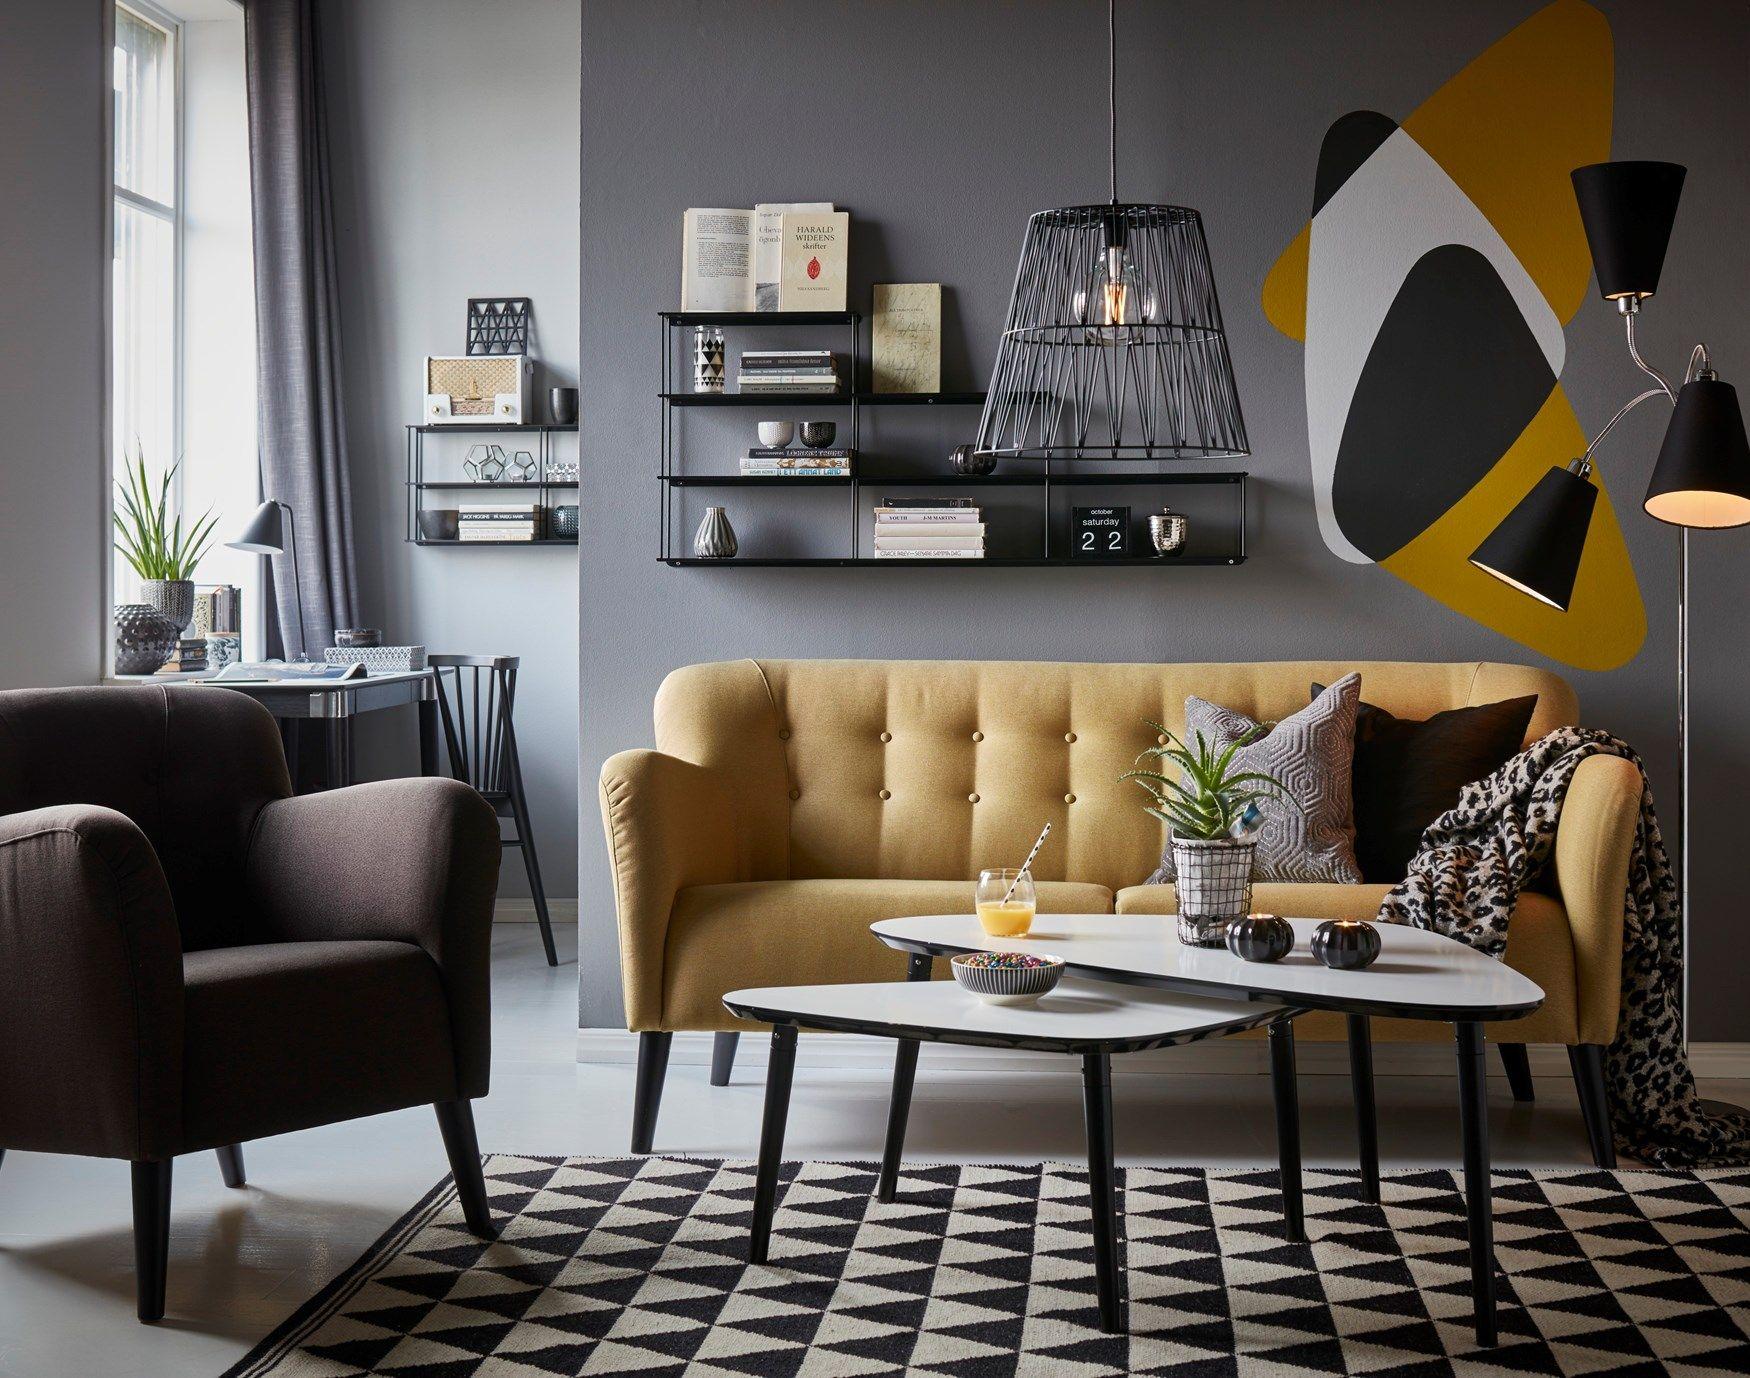 Boggie soffa från Mio Vardagsrum Vardagsrum inspiration, Vardagsrum och Soffbord